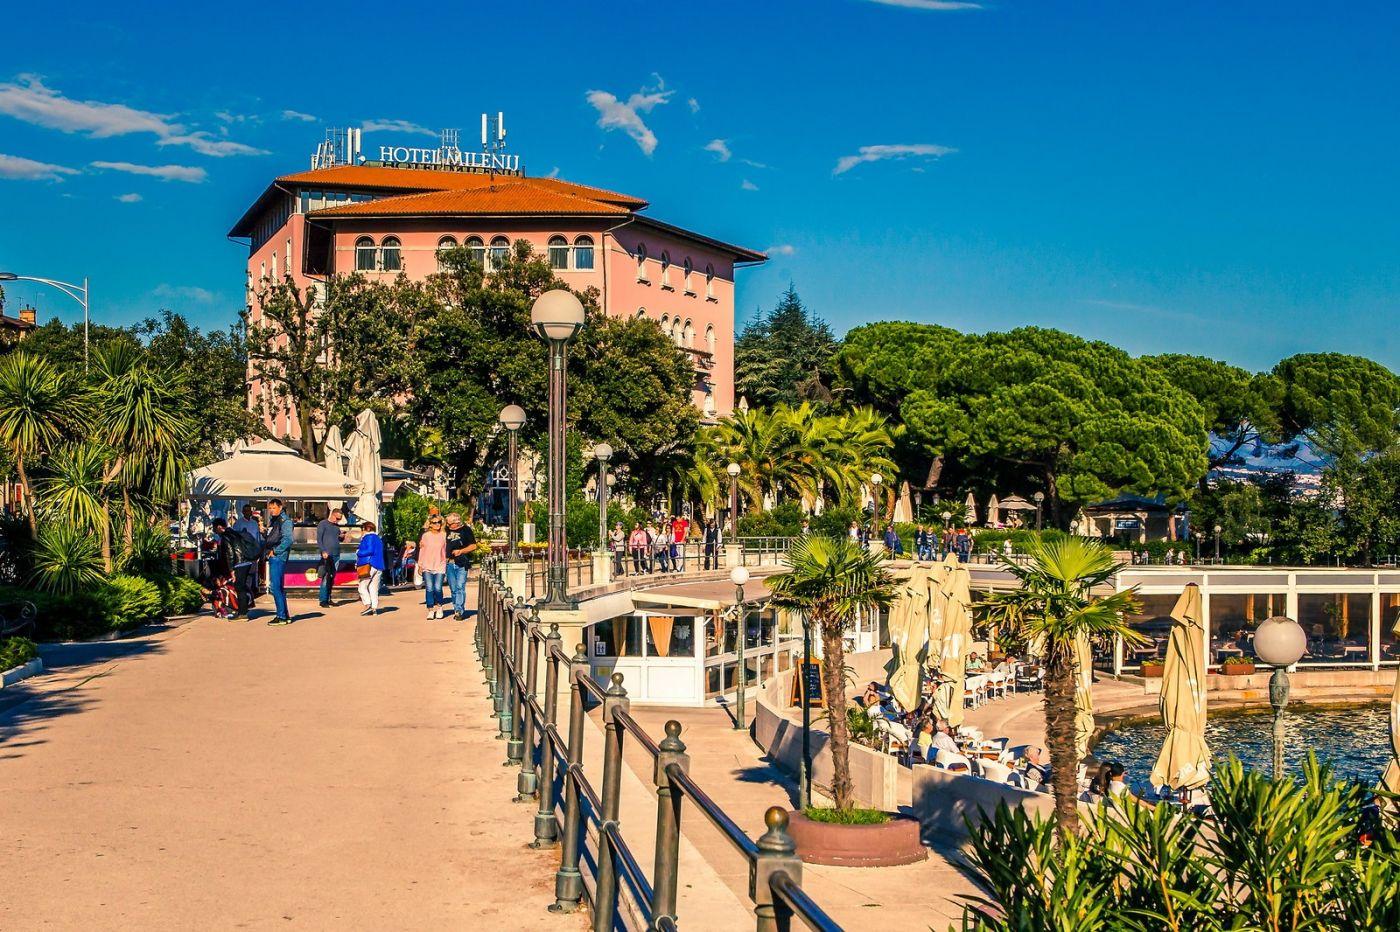 克罗地亚奥帕蒂亚(Opatija),洒满阳光的海滨城市_图1-23